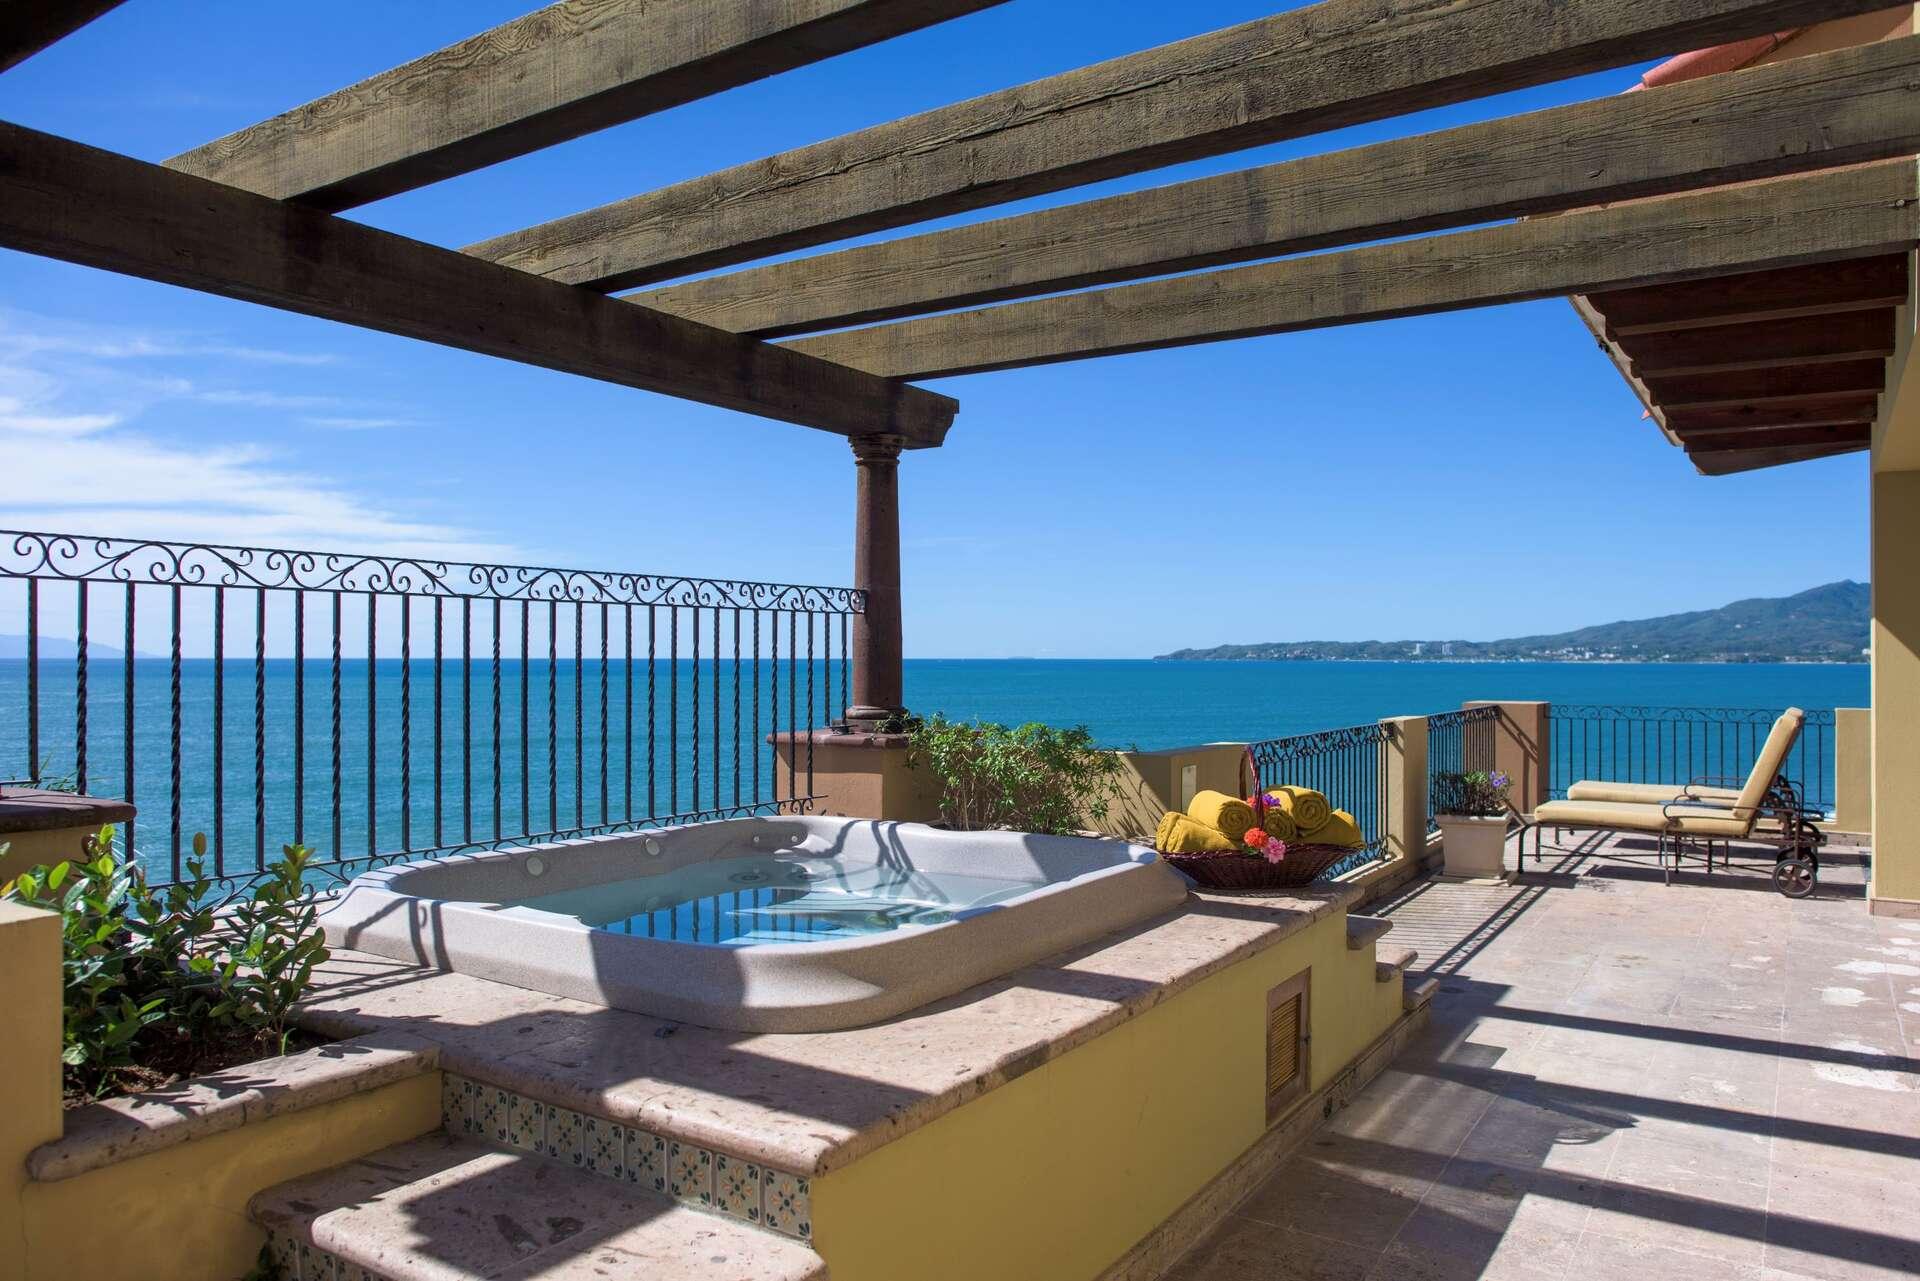 Luxury vacation rentals mexico - Nuevo vallarta - Villa la estancia riviera nayarit - Three Bedroom Suite Ocean Front - Image 1/25